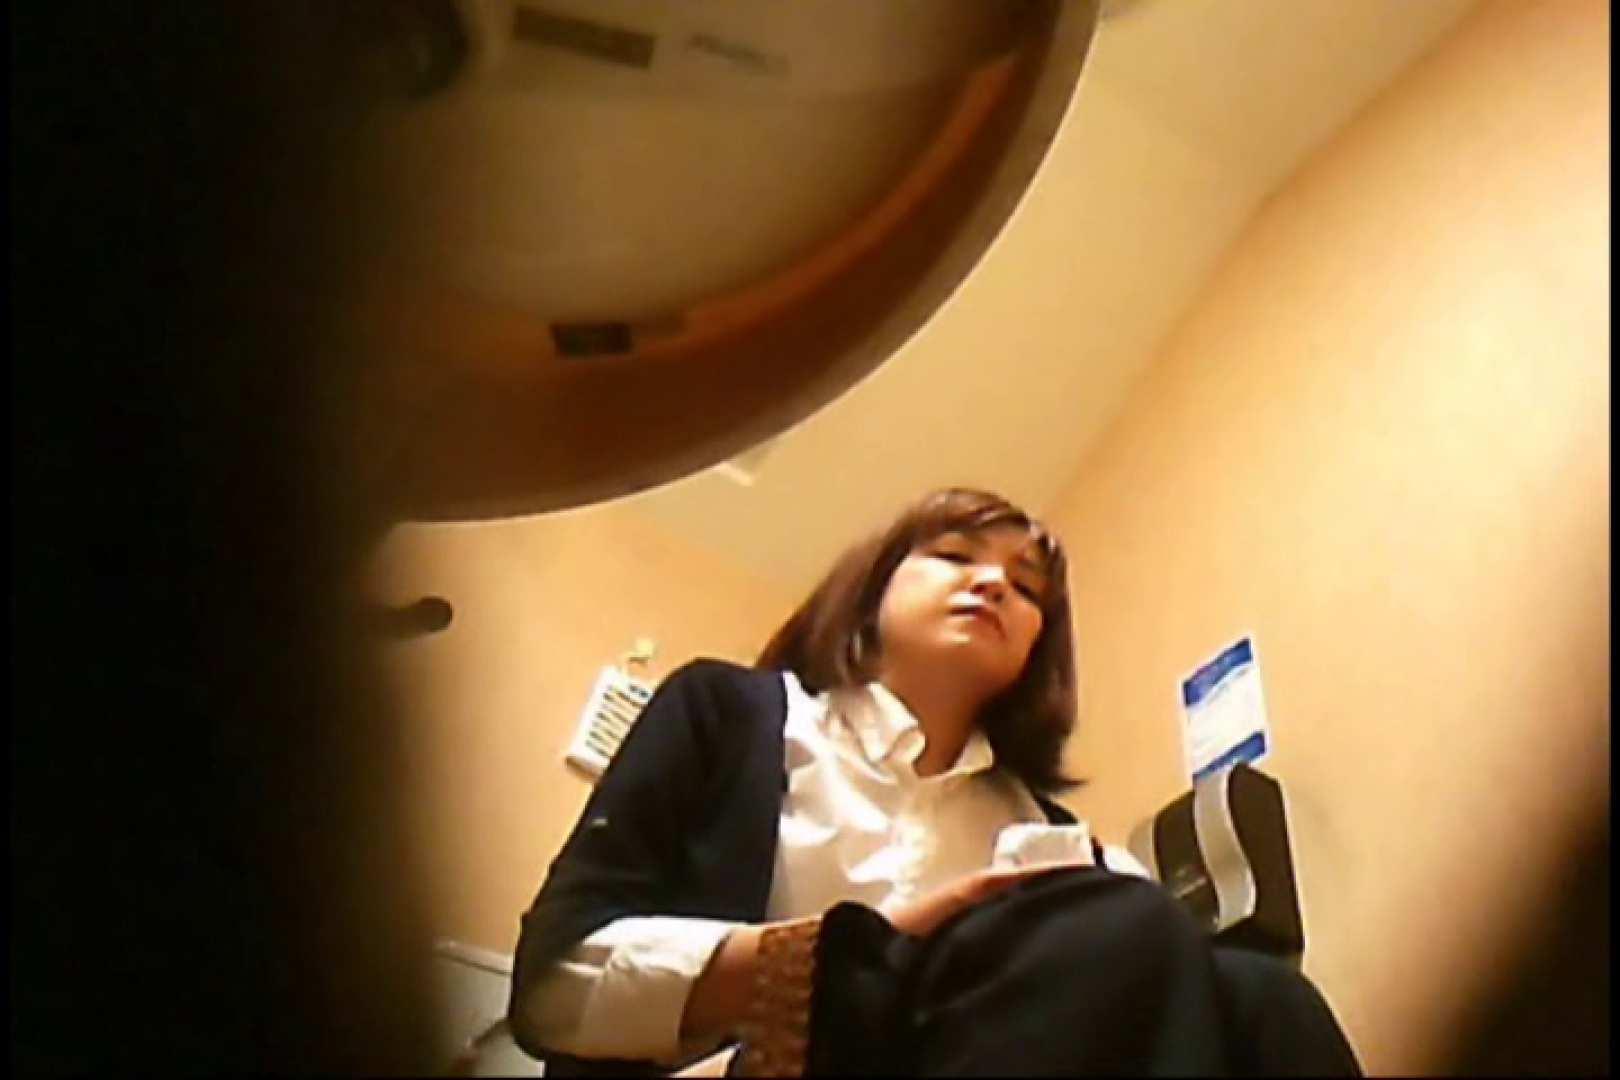 潜入!!女子化粧室盗撮~絶対見られたくない時間~vo,42 潜入  88pic 4